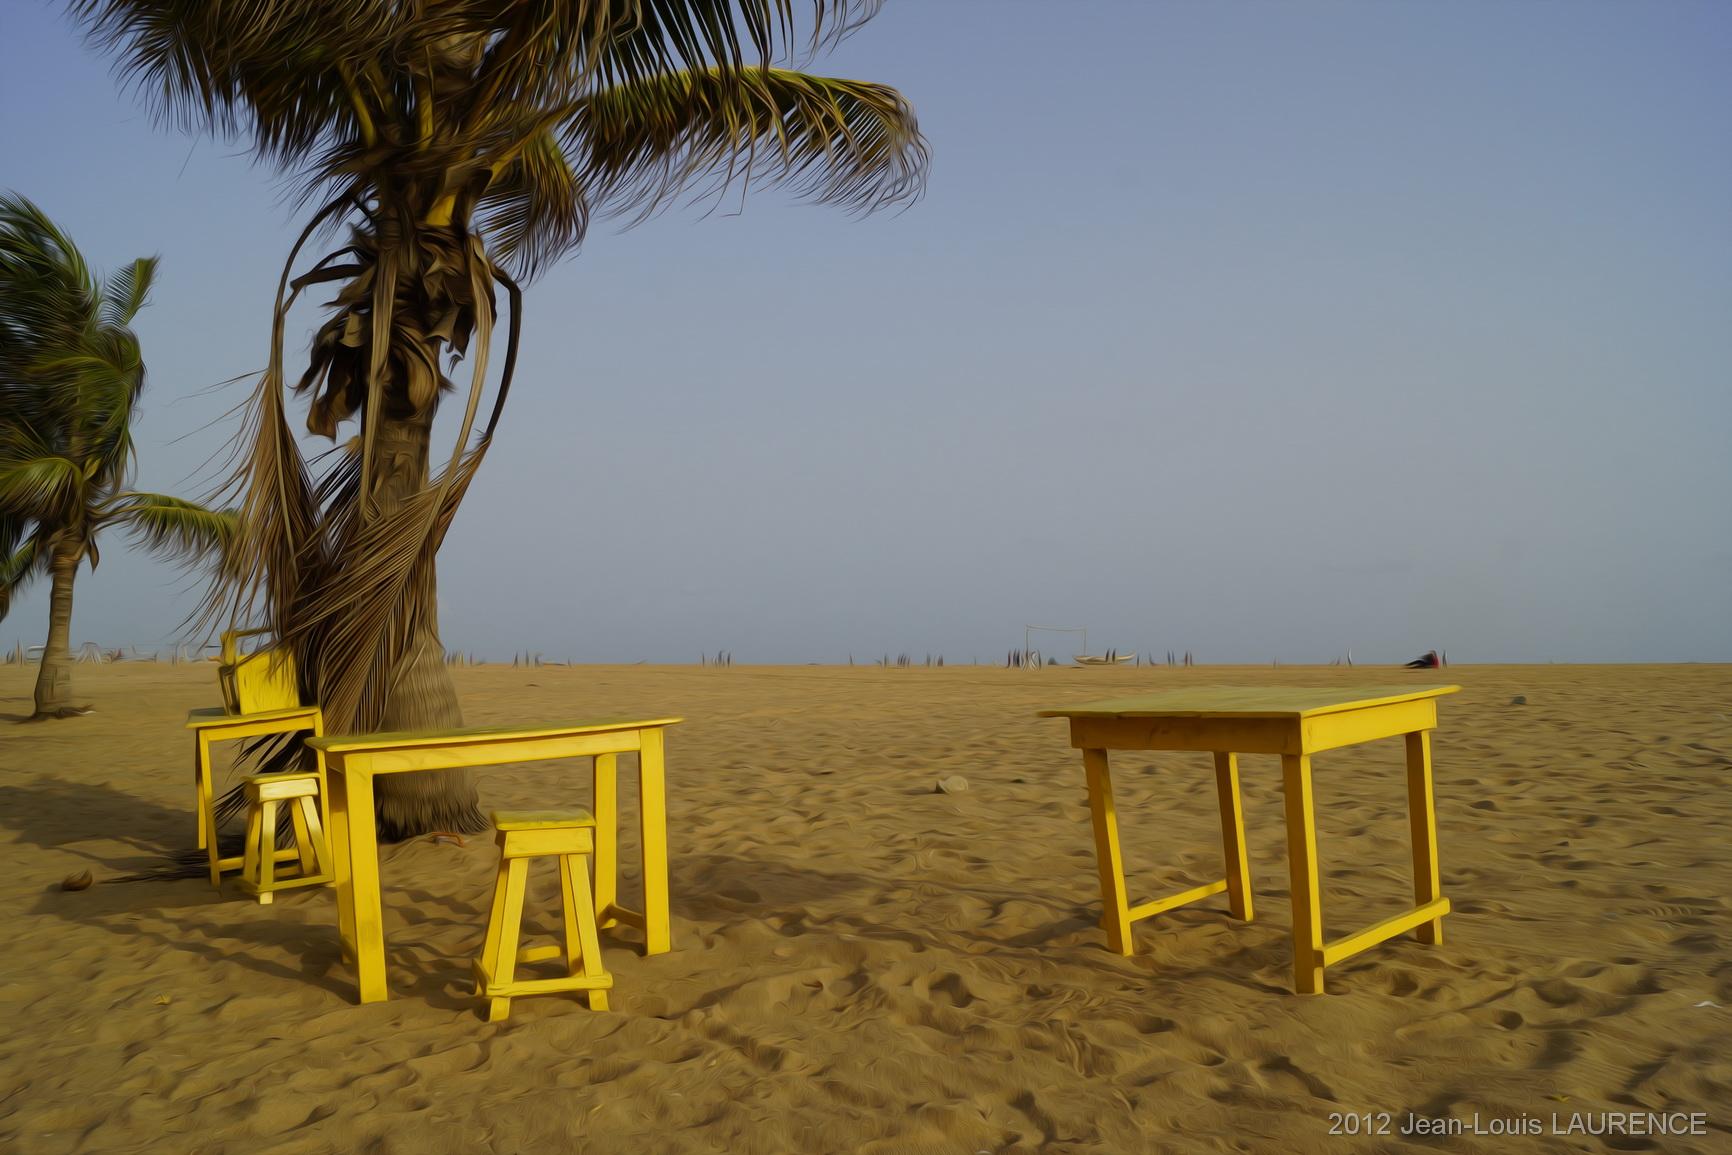 Le bar, c'est la plage. Cotonou Bénin